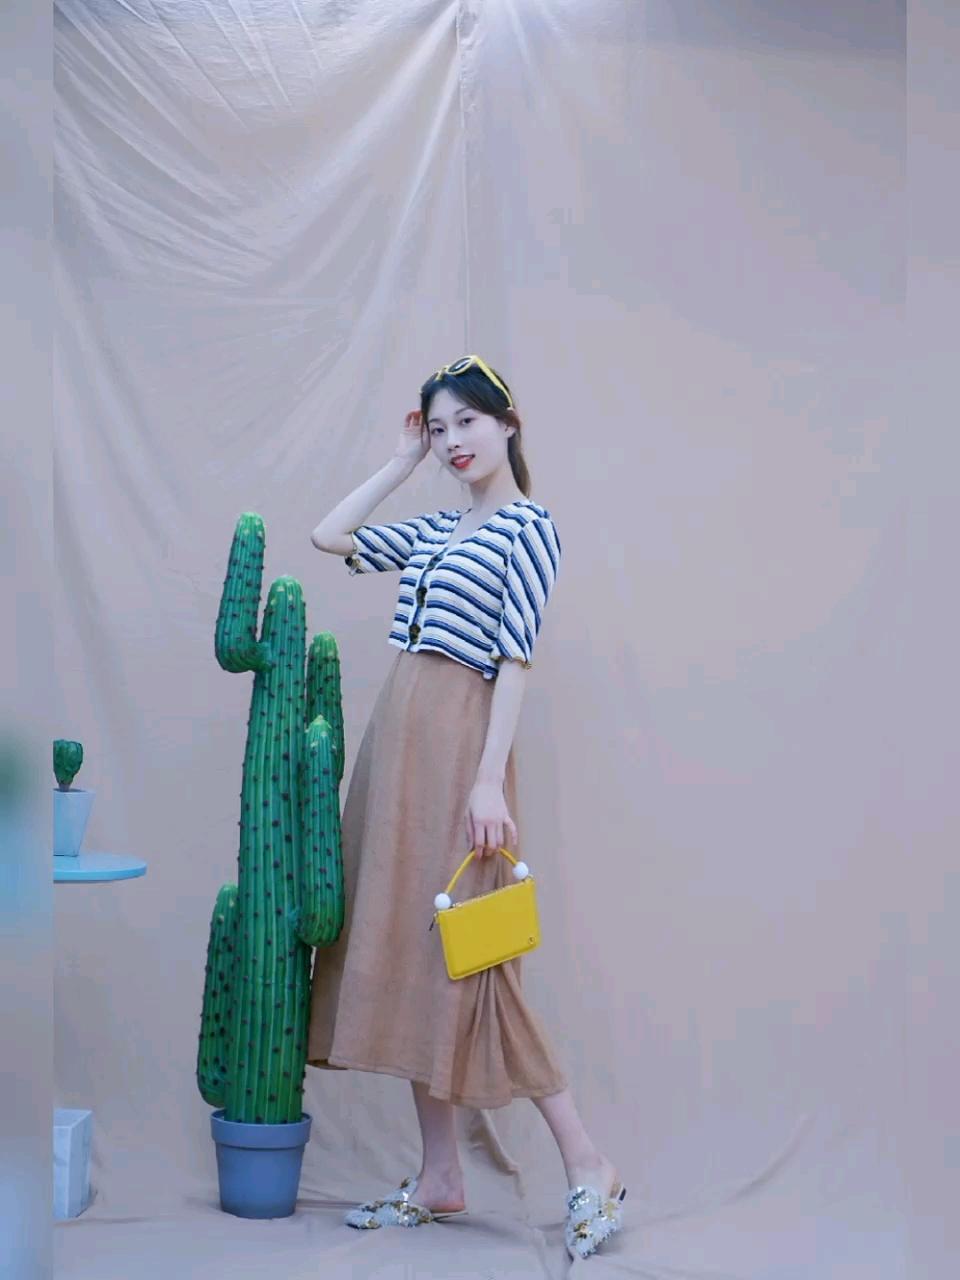 🌟条纹上衣: FUSSED   💰188 🌟半身裙: RuuDee 🌟包包: KITAYAMA 🌟鞋: BUBUFEIFEI   💰598  「小个子穿搭模板」 🔸 短款条纹上衣 + 半身裙  短款上衣拉长身材比例 半身长裙让你胸以下全是腿✨  #MOGU STUDIO#